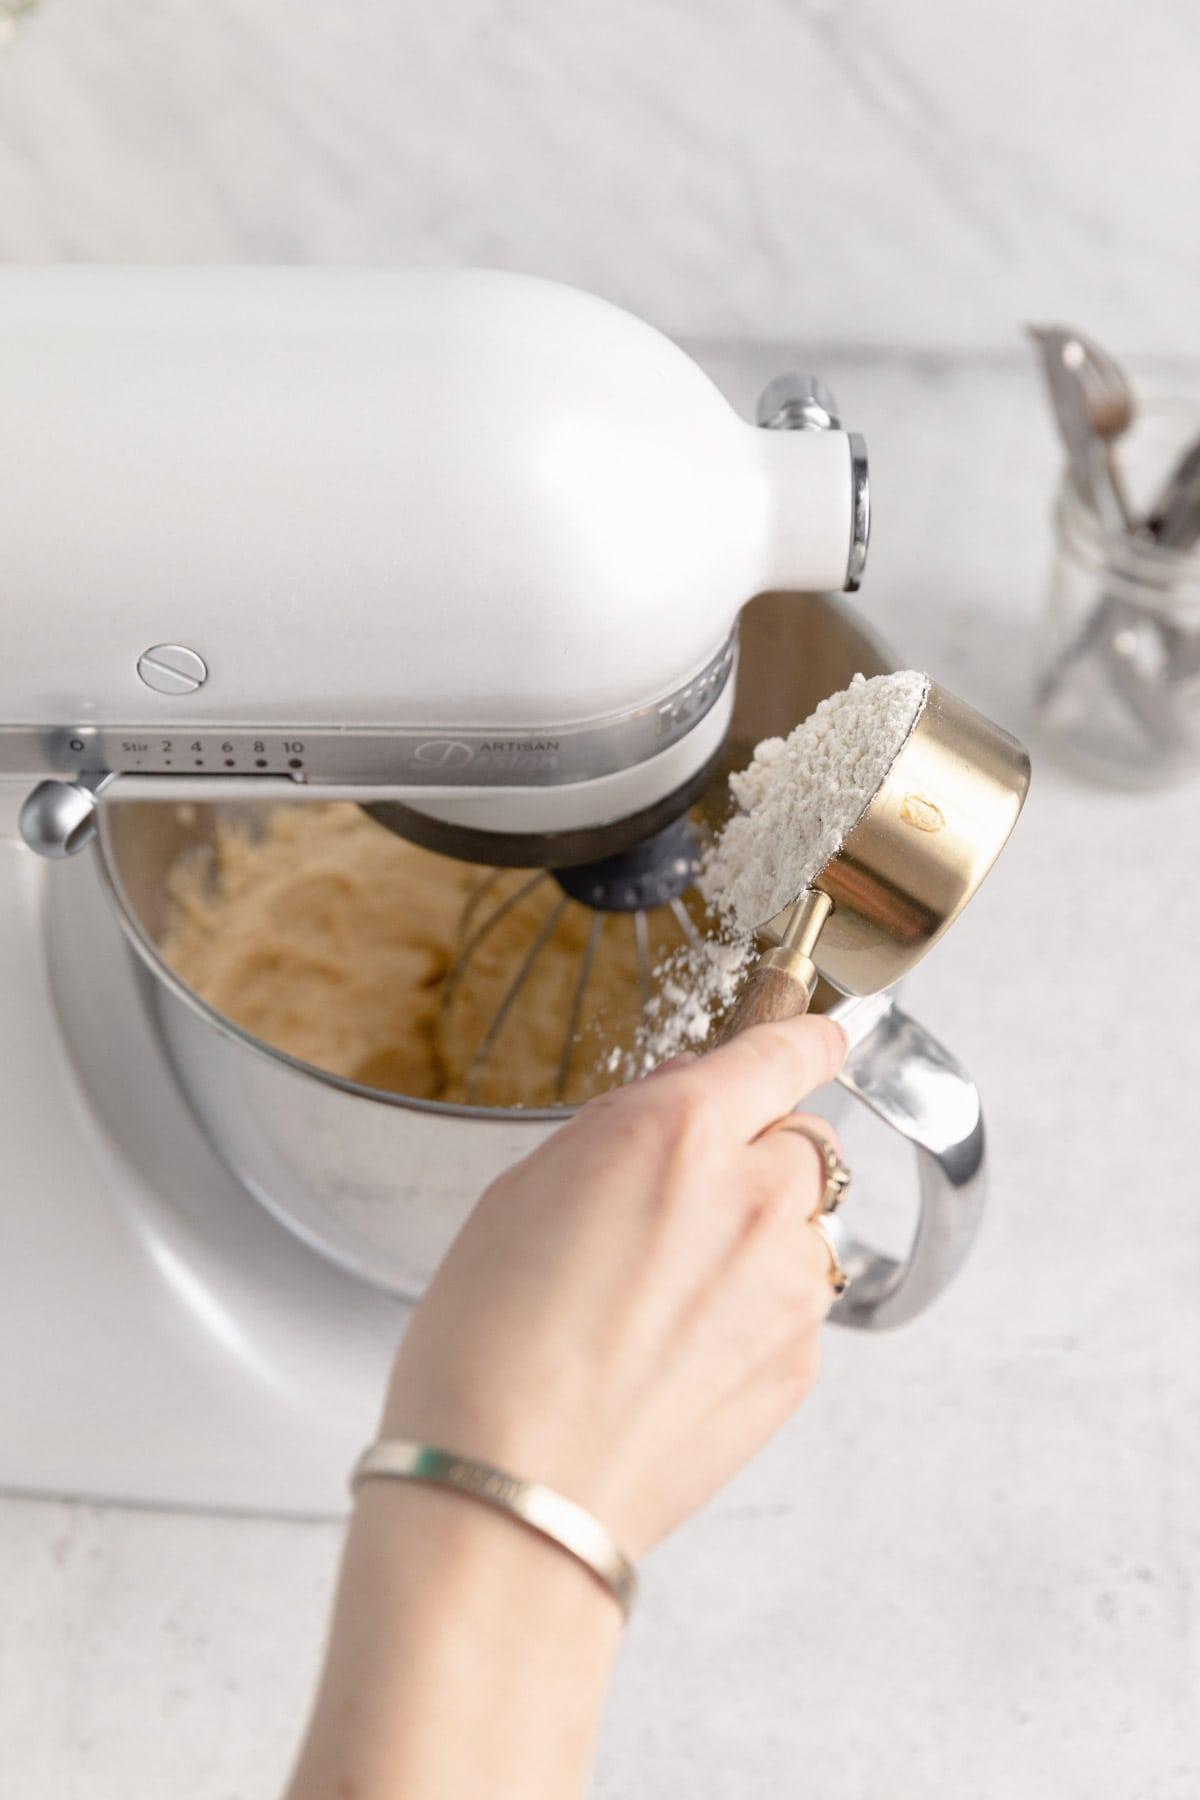 flour going into mixer